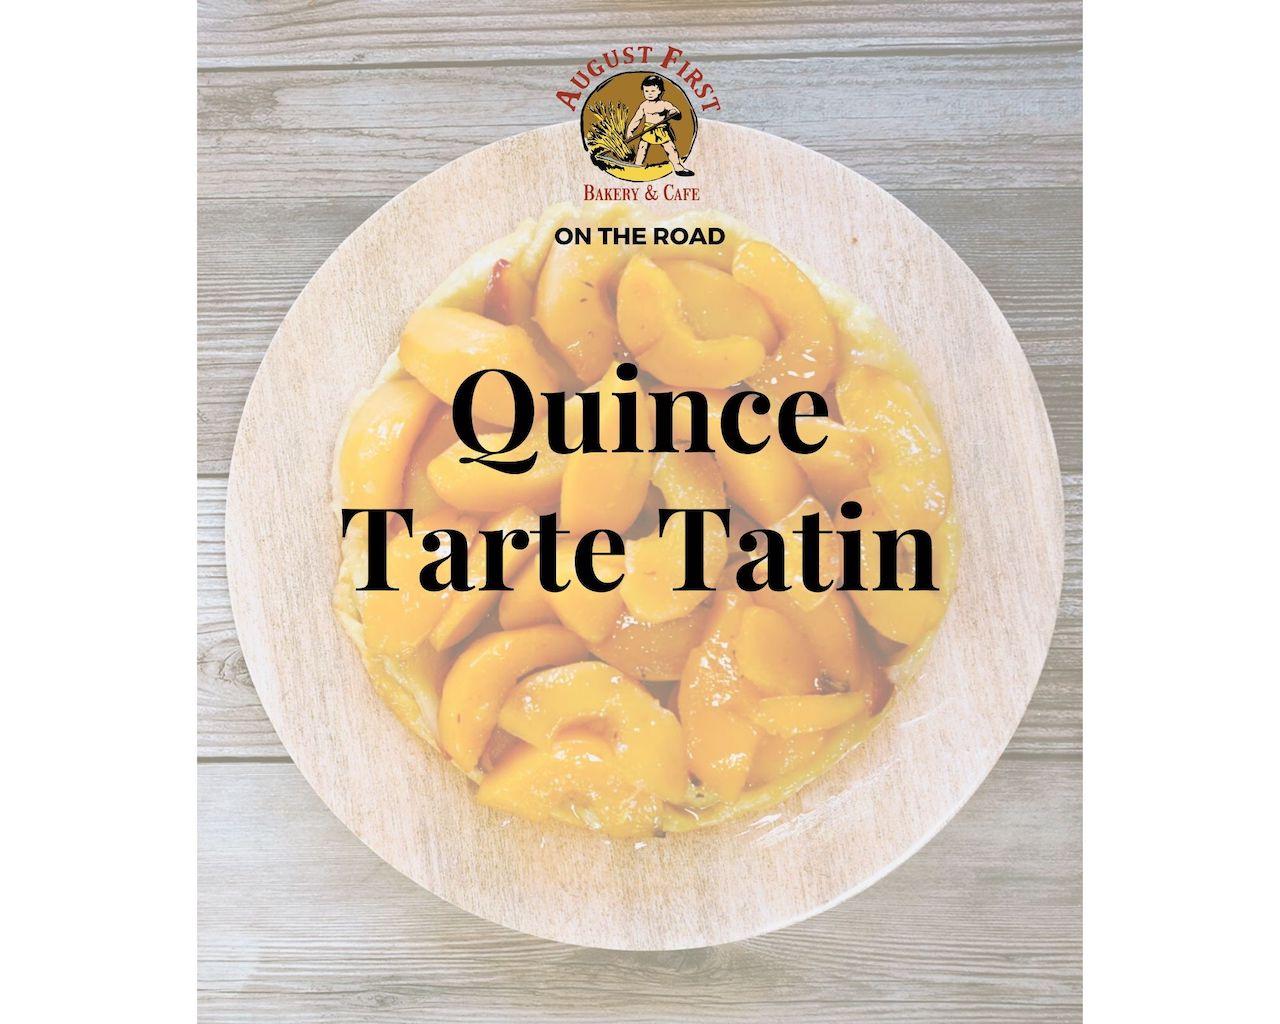 quince tarte tatin